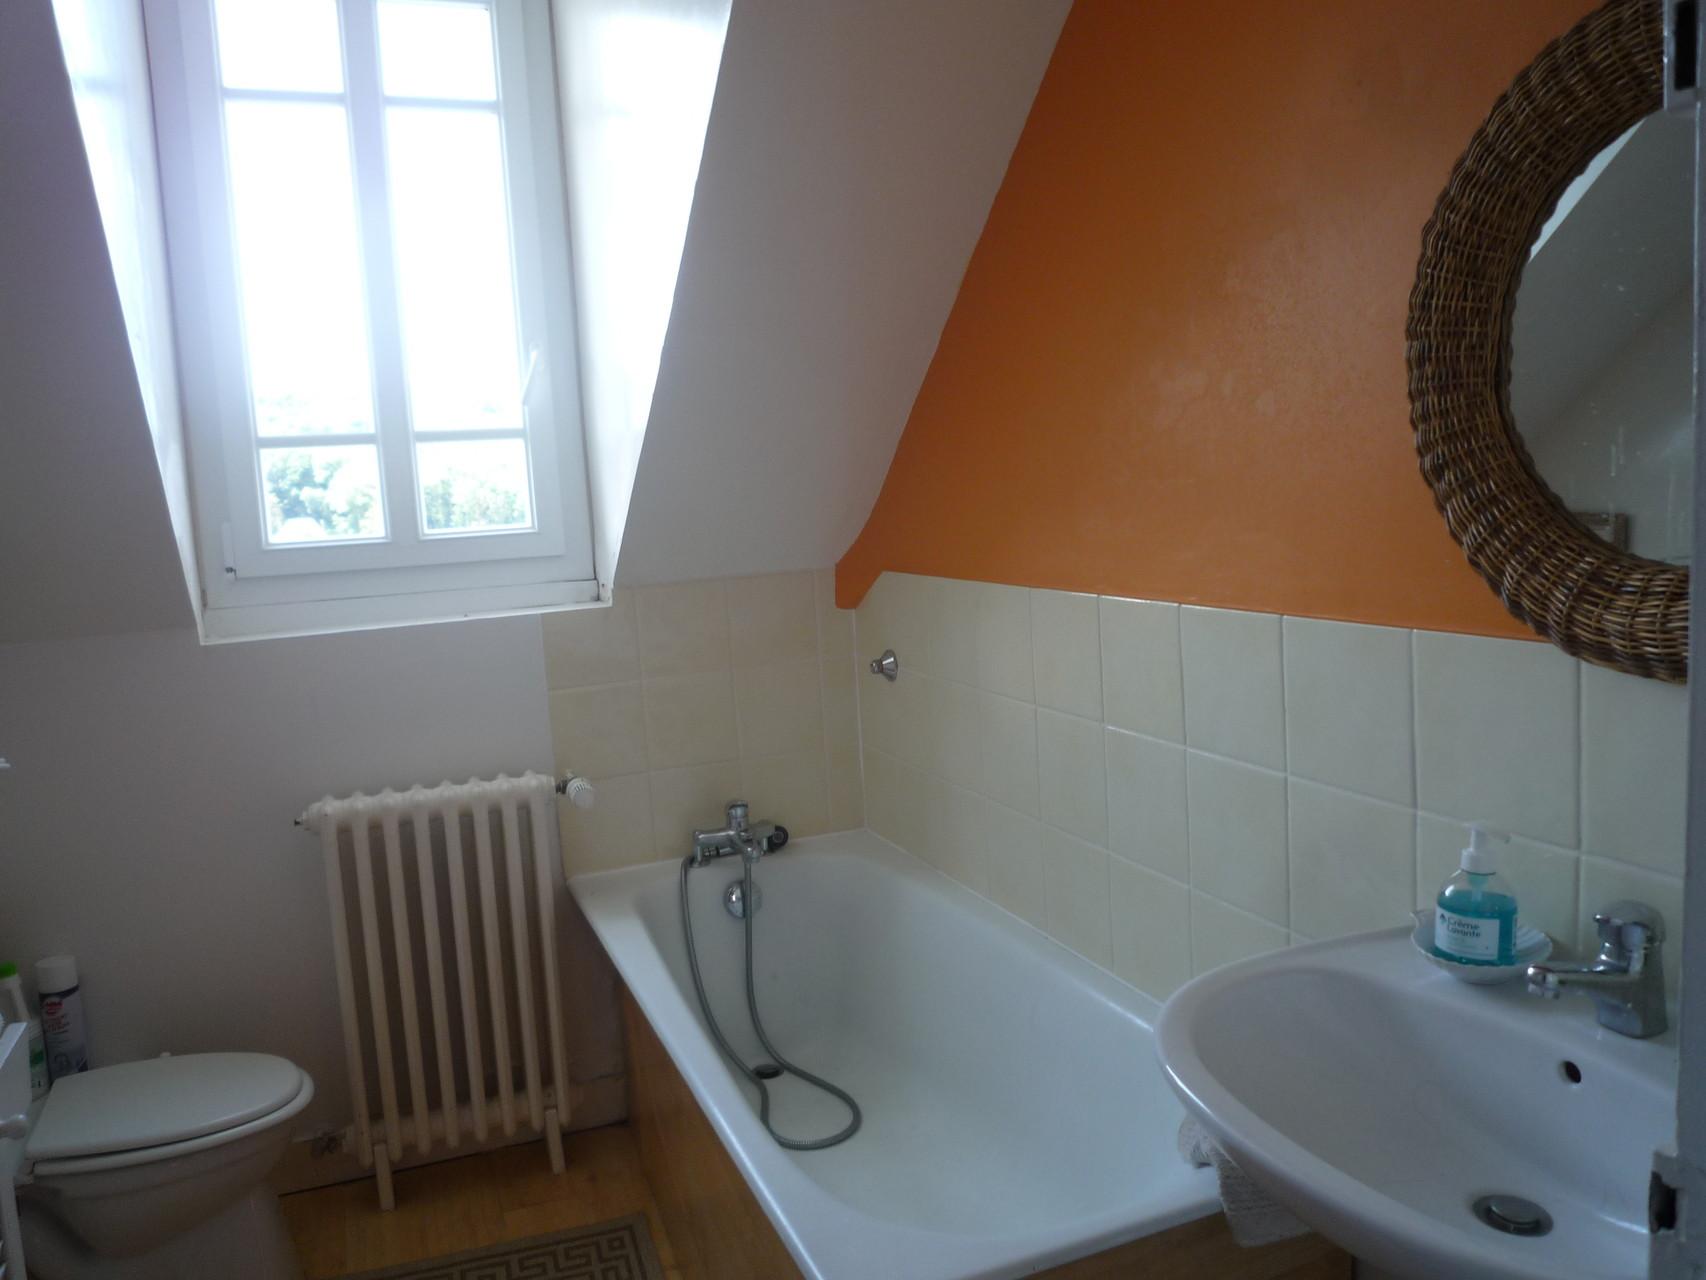 Salle de bain du deuxième étage, équipée de toilettes et d'une baignoire